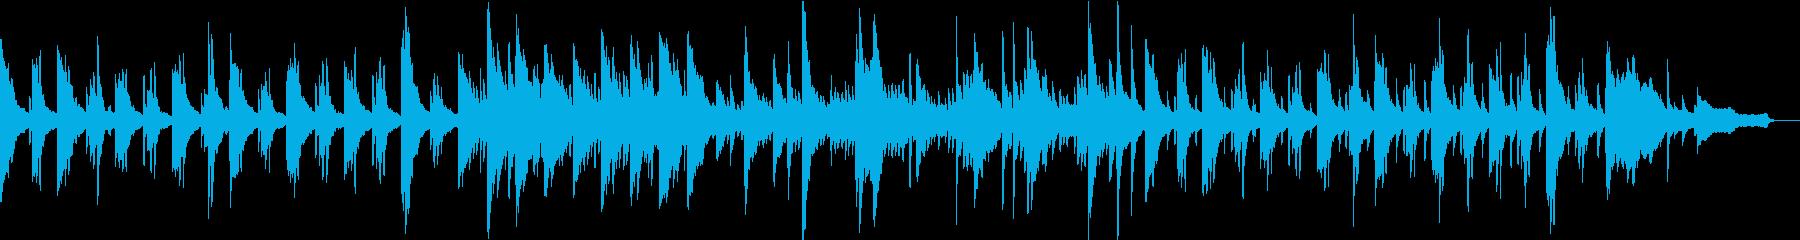 感動、切ない系、ピアノ曲の再生済みの波形